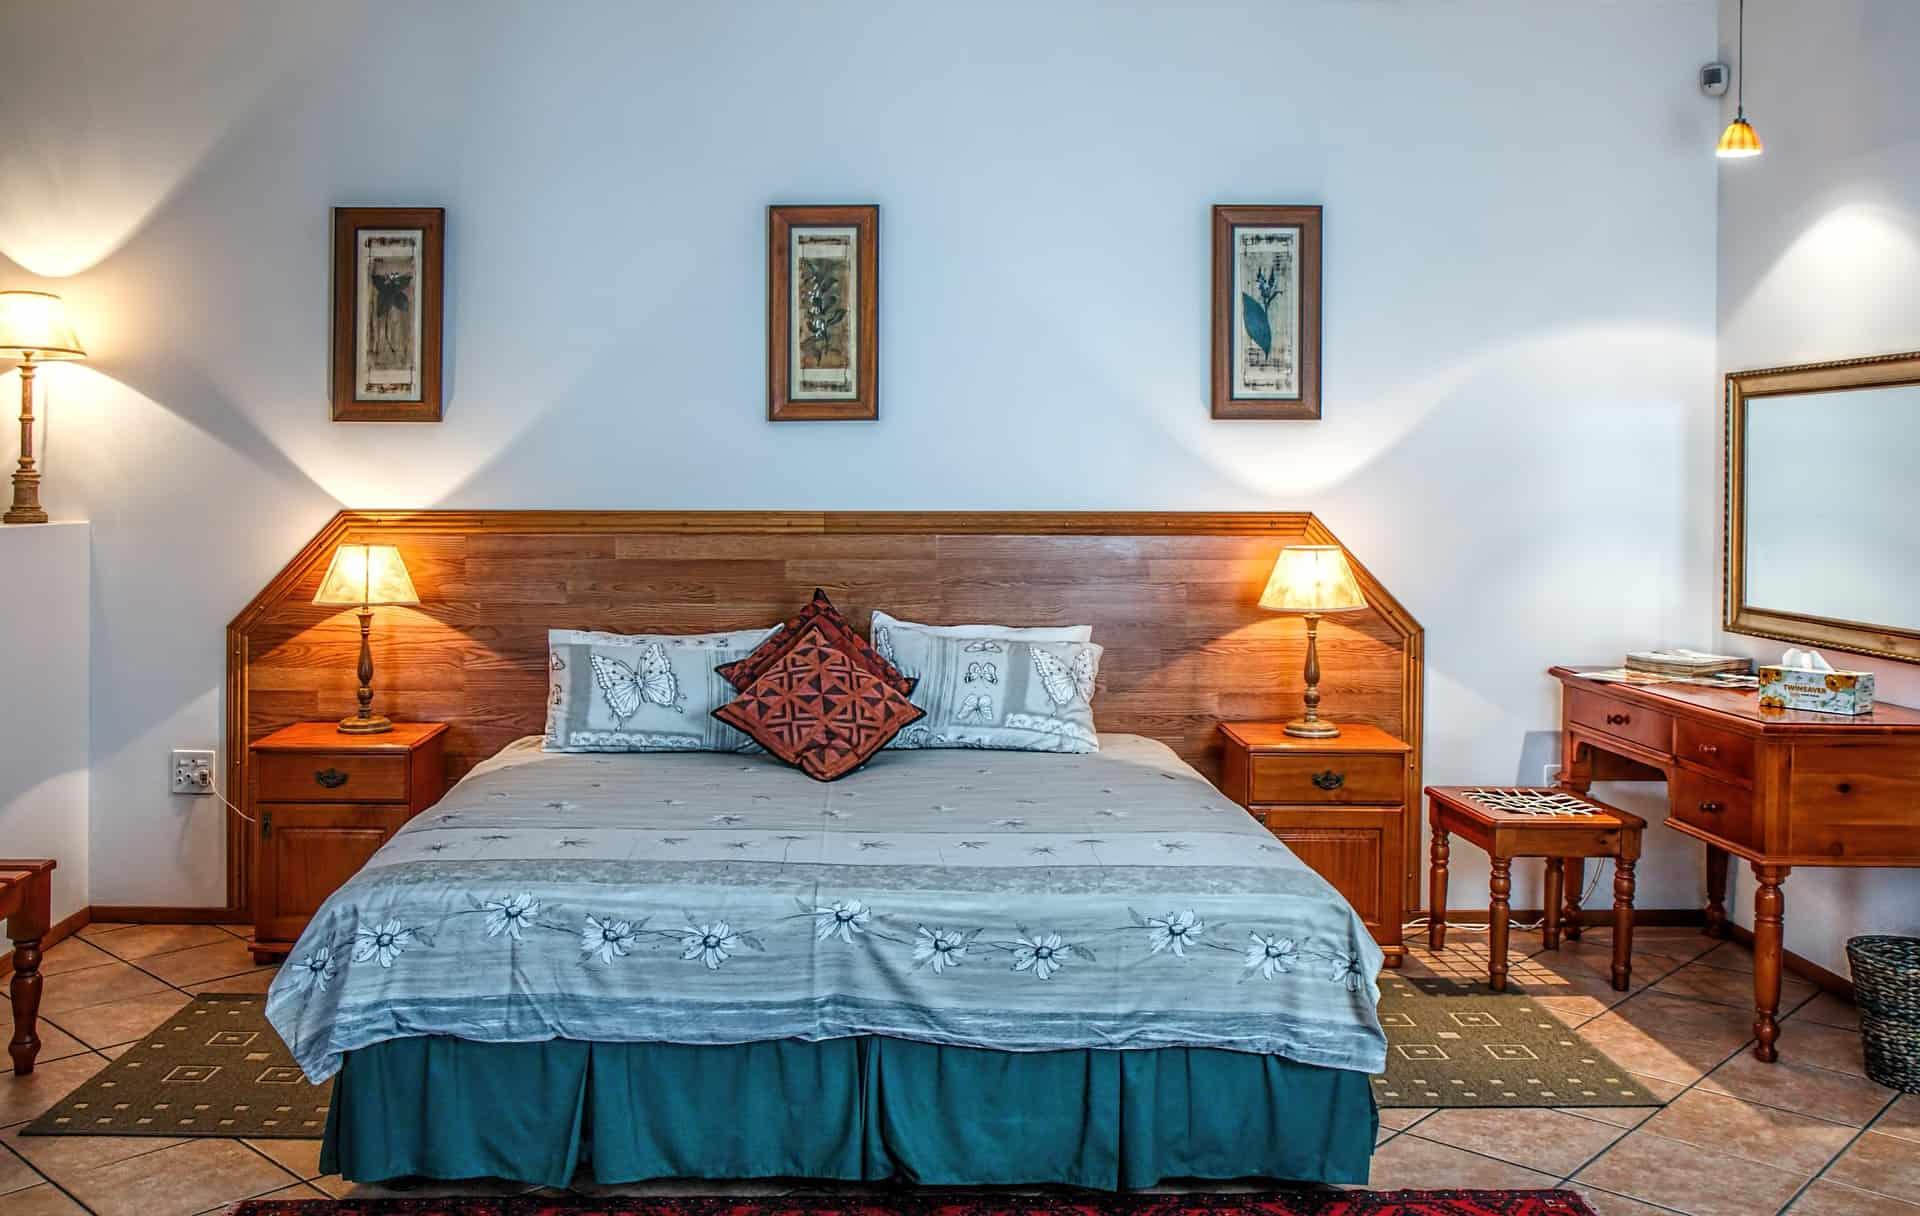 Imagem de cama com cabeceira com lençol azul e travesseiros com cabeceira de madeira iluminada por abajures.